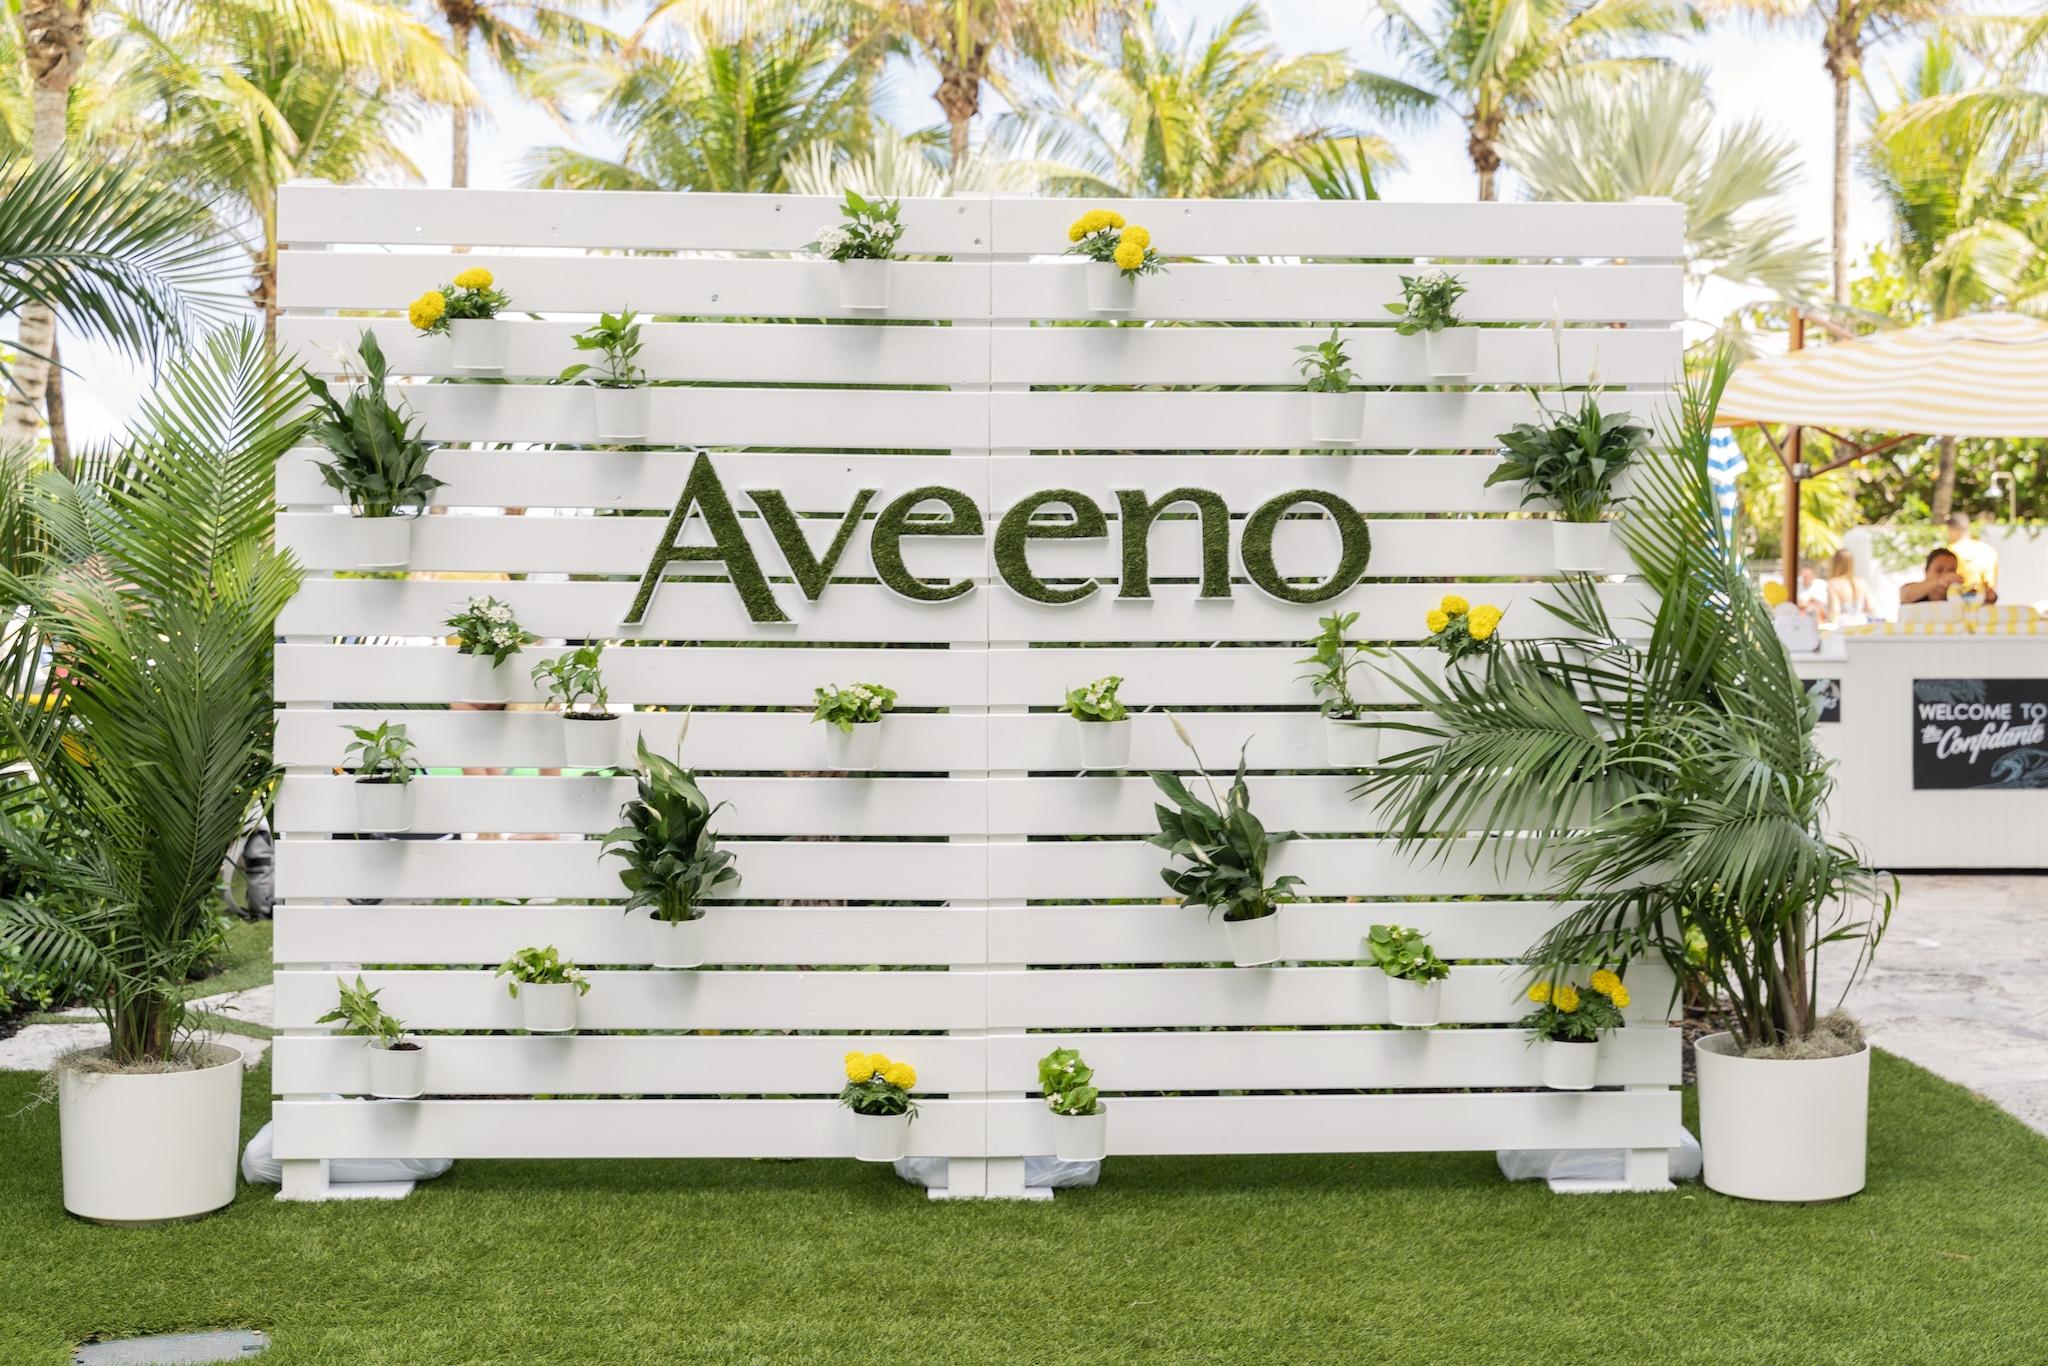 Aveeno brand backdrop